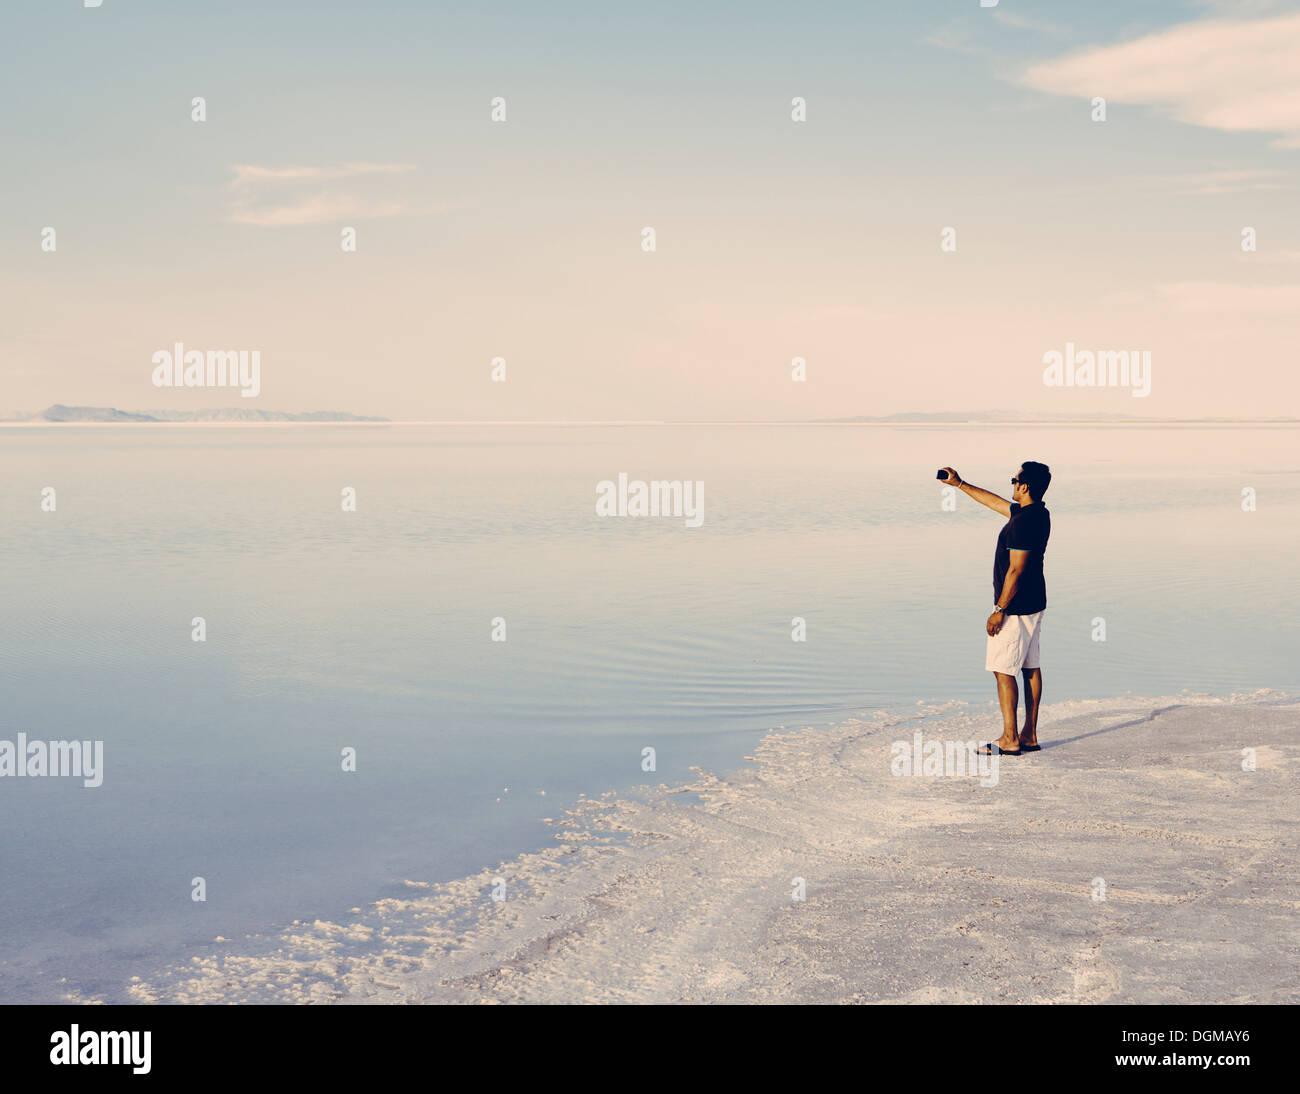 Un uomo in piedi sul bordo dell'allagato Bonneville Saline al tramonto, scattare una fotografia con un telefono intelligente Immagini Stock